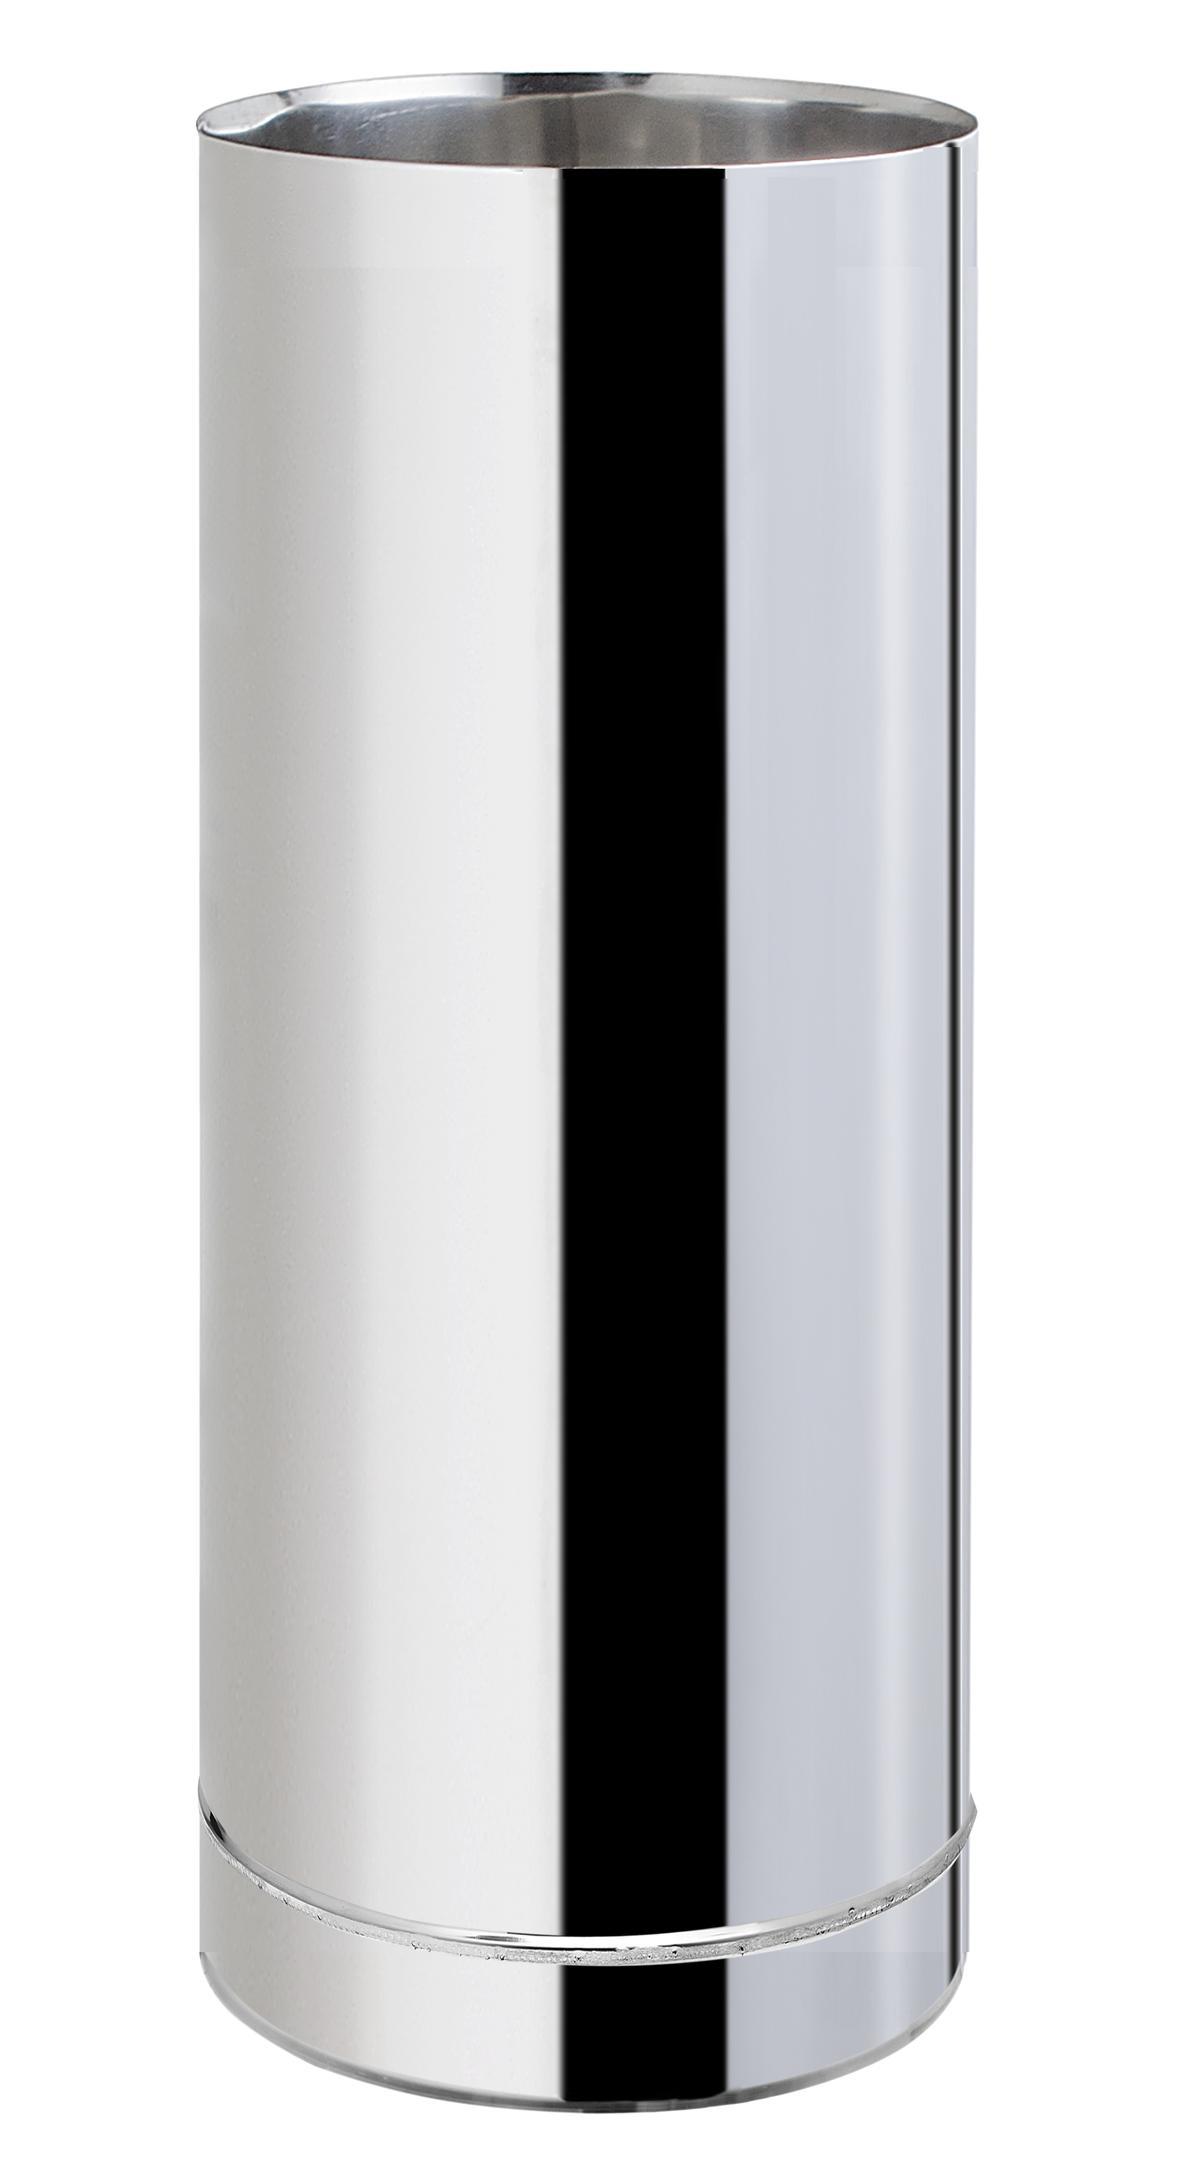 Rohrelement Edelstahl Ø 300mm, 500mm lang